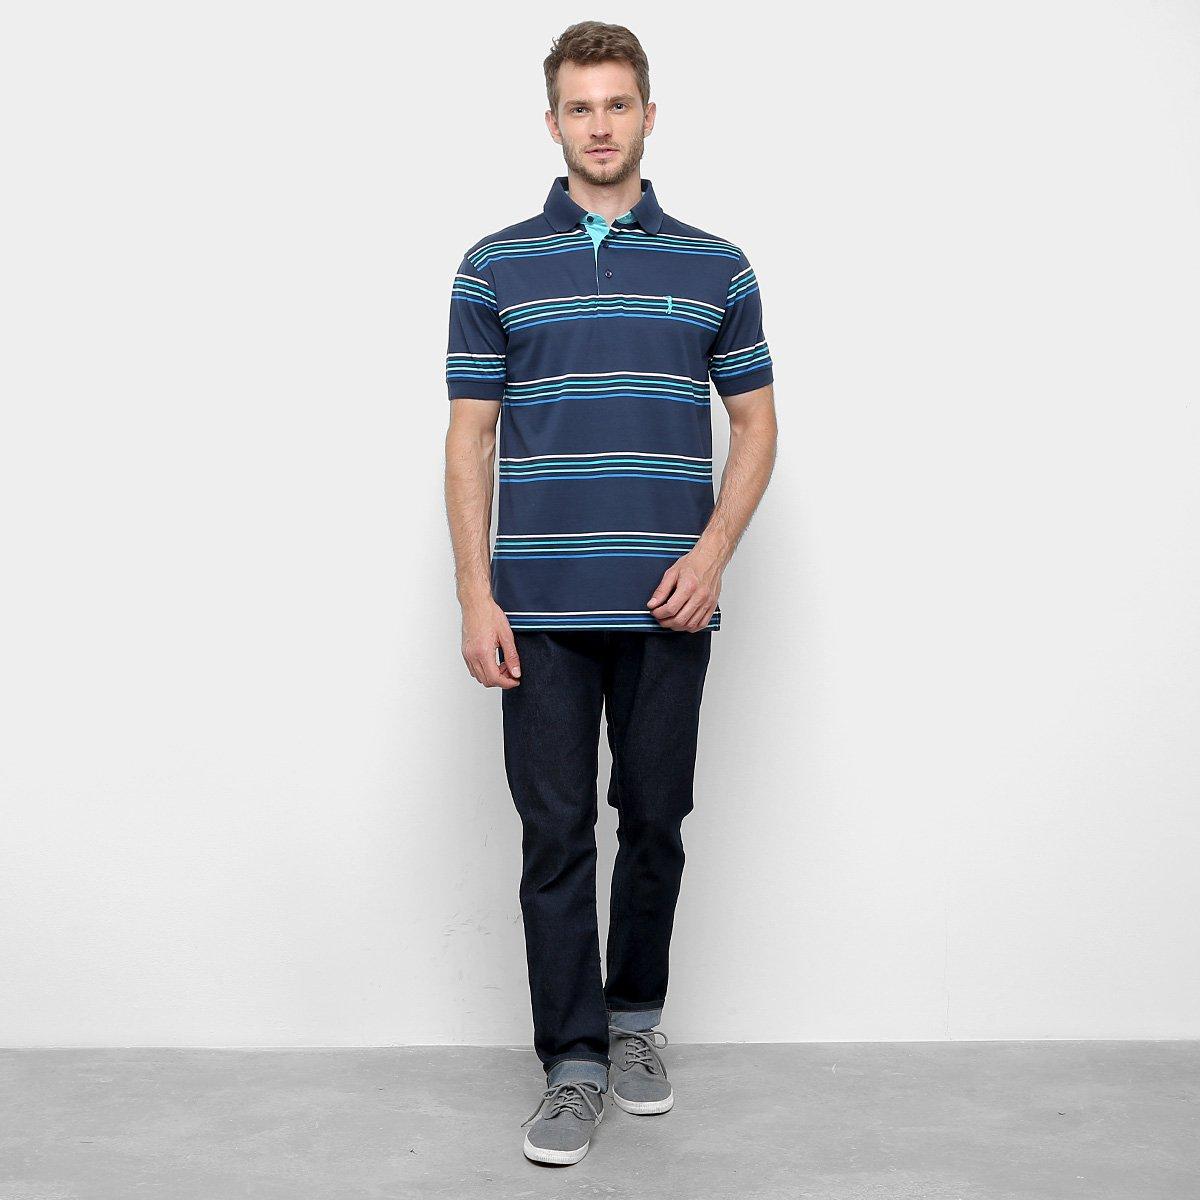 Calça Jeans Ecko Slim Fit Masculina - Tam: 42 - 2